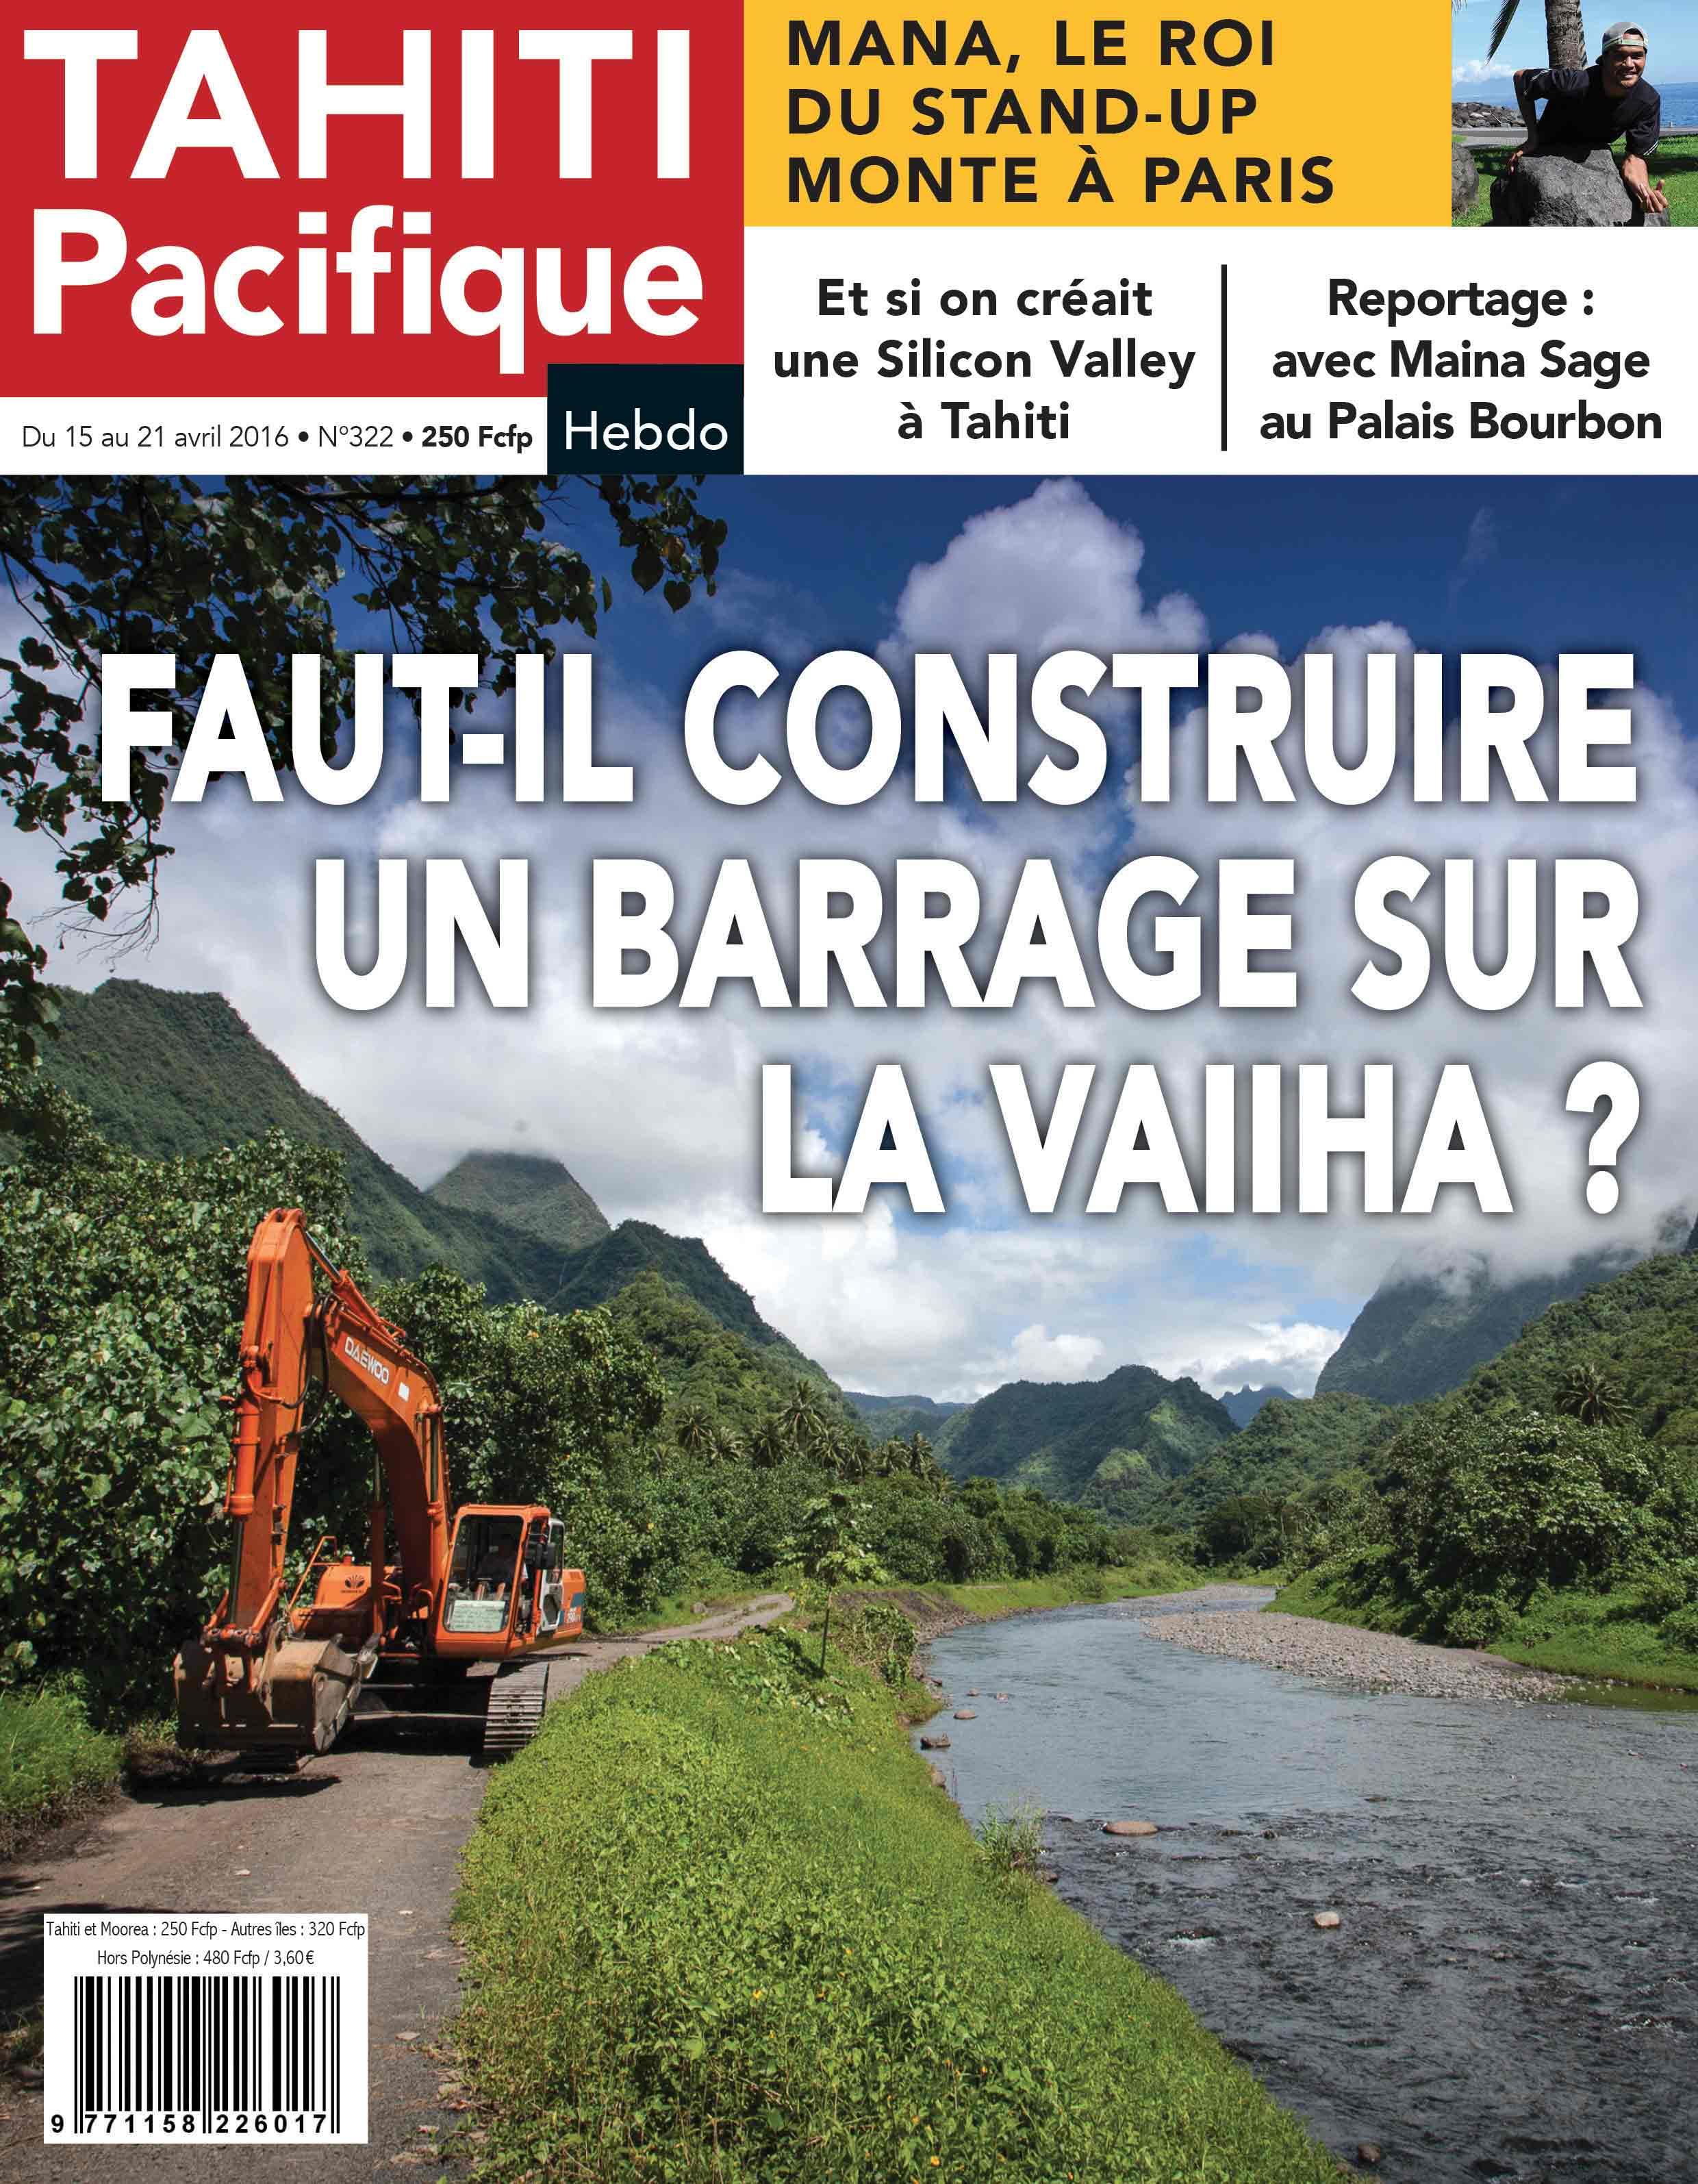 A la Une de Tahiti Pacifique Hebdo demain